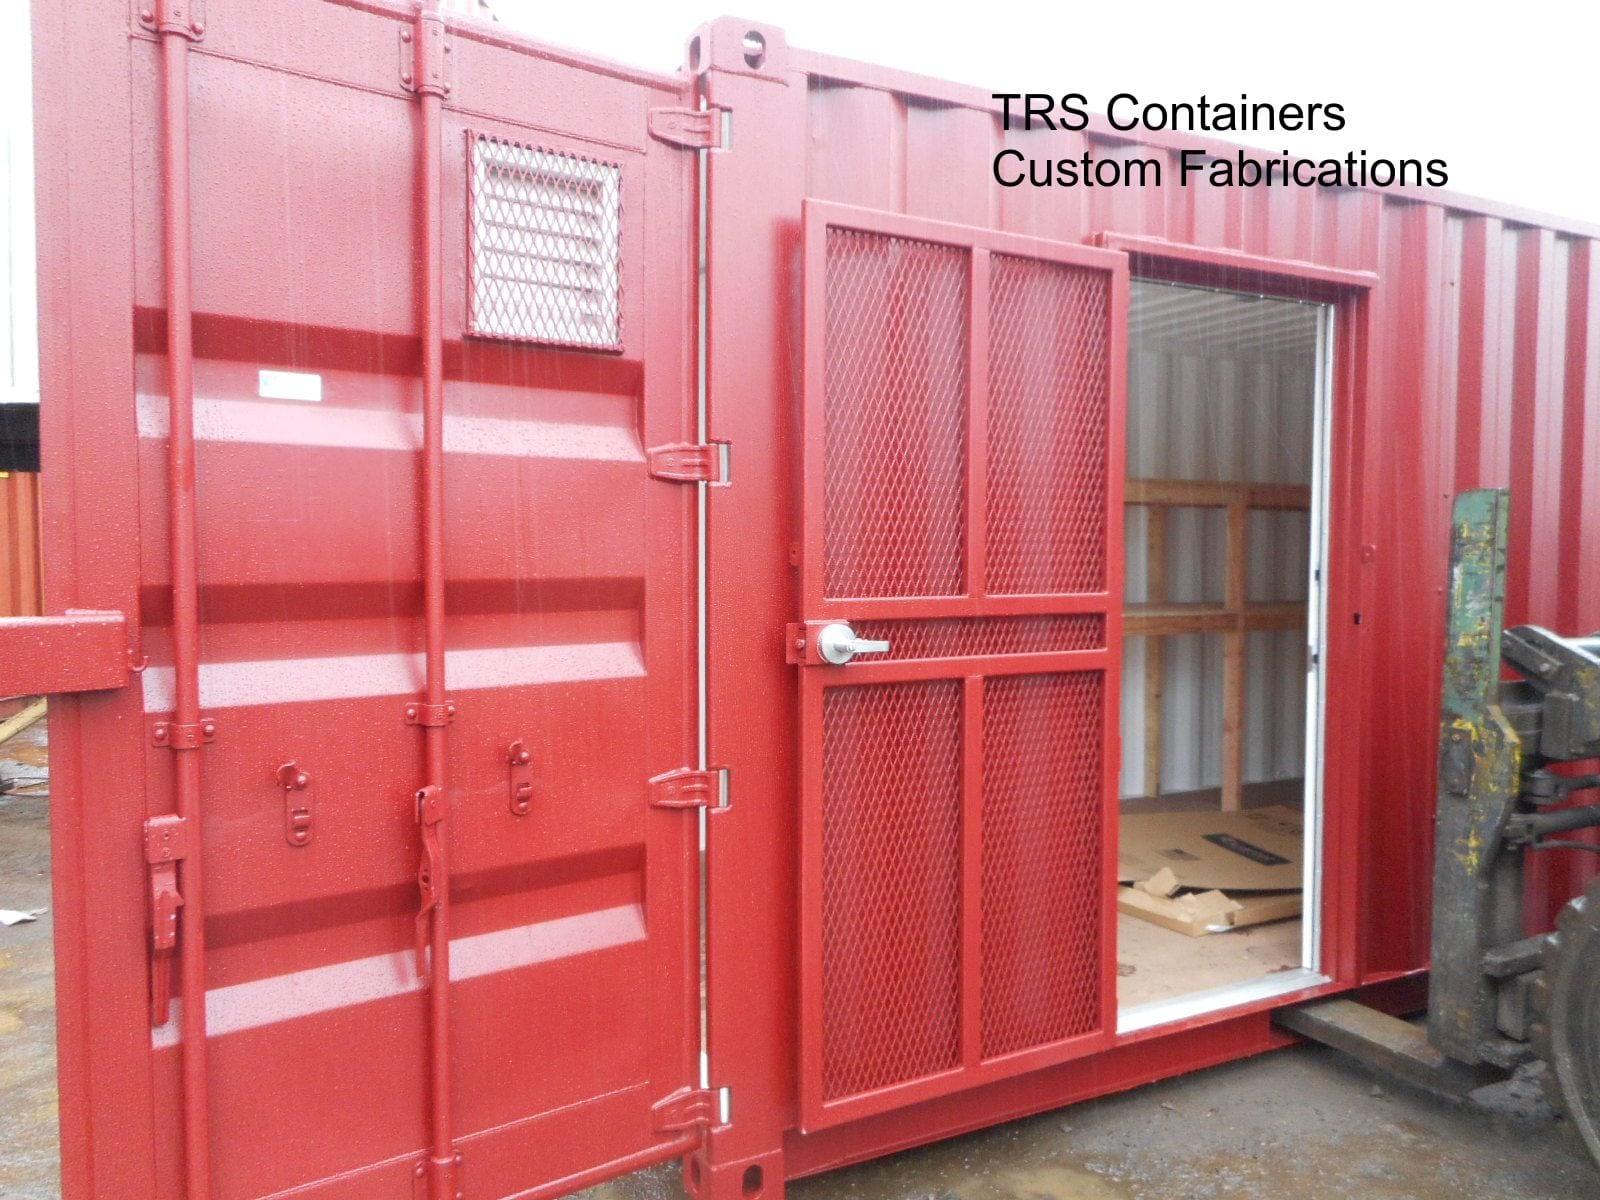 Highly secure steel expanded metal man door